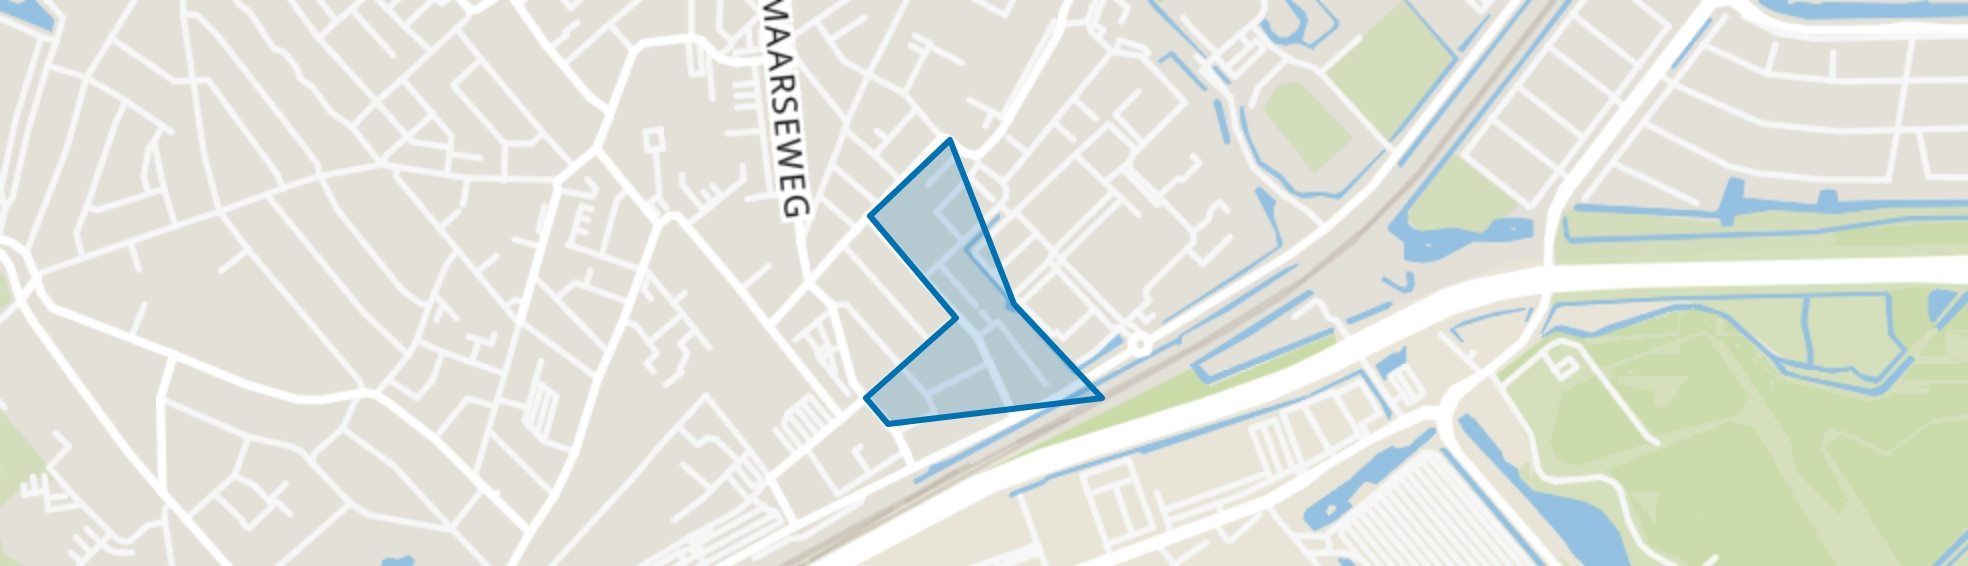 Oud Sportpark, Beverwijk map